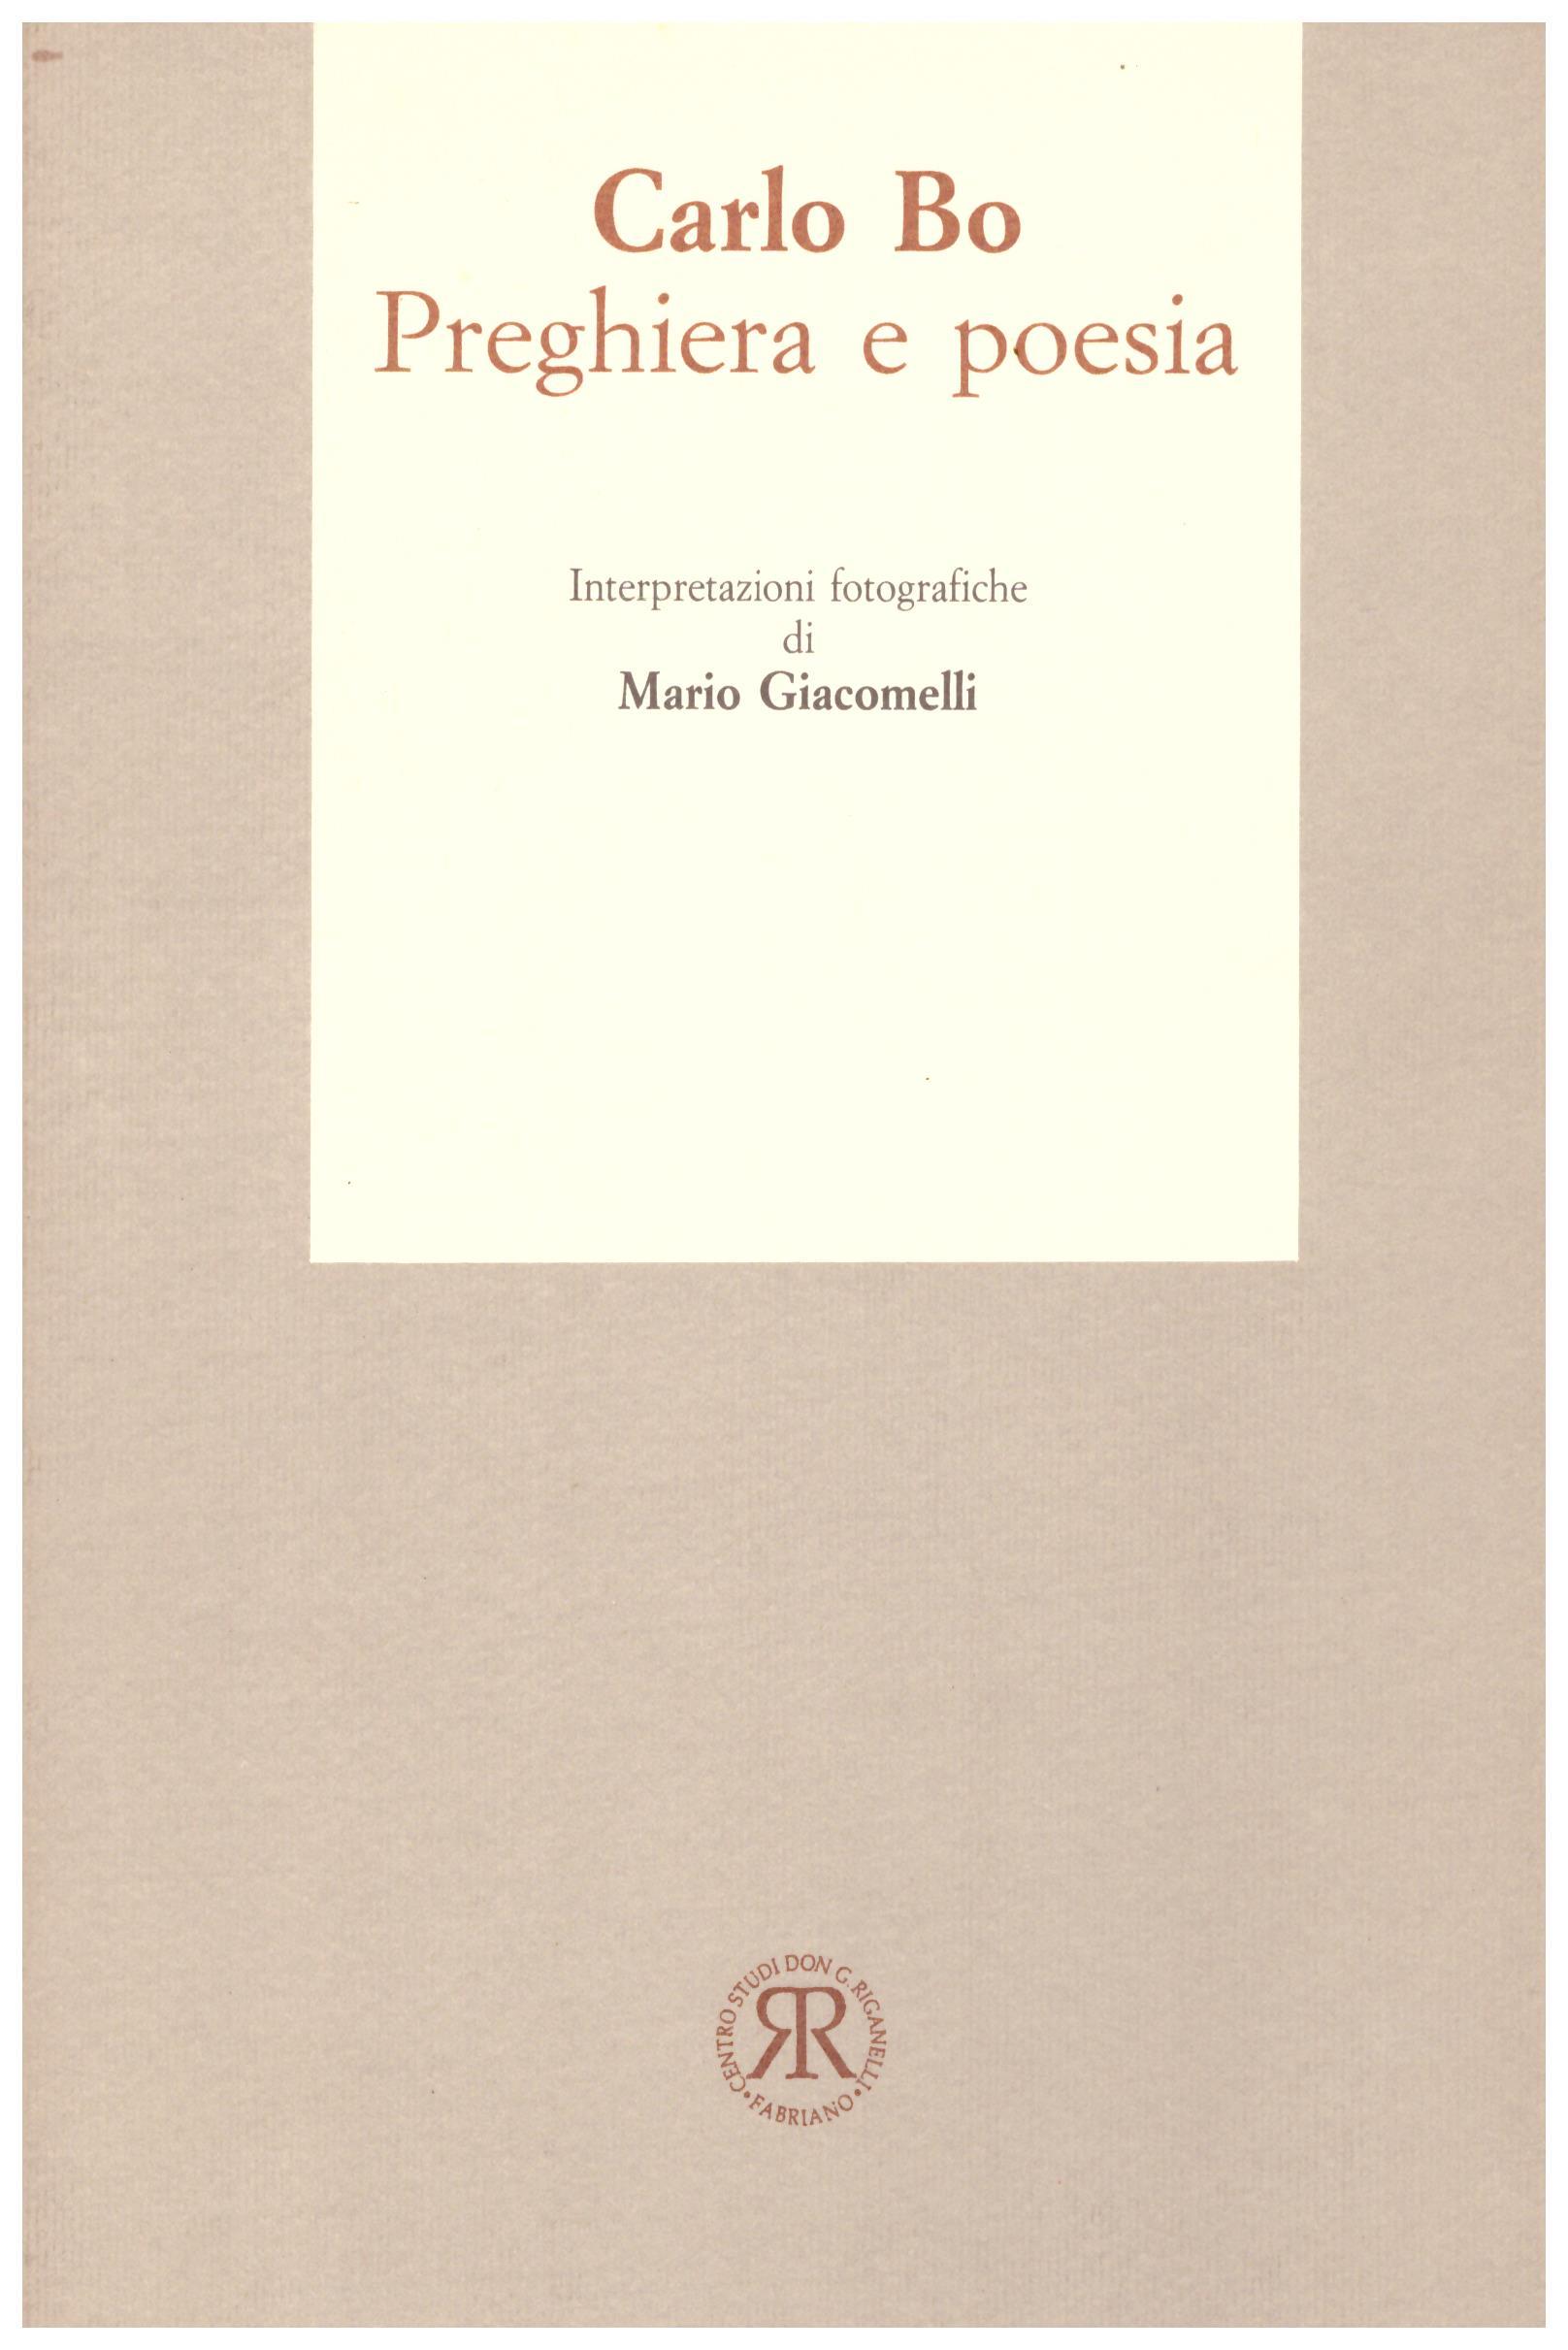 Titolo: Carlo Bo, Preghiera  e poesia  Autore : AA.VV. Editore: Arti grafiche editoriali Urbino